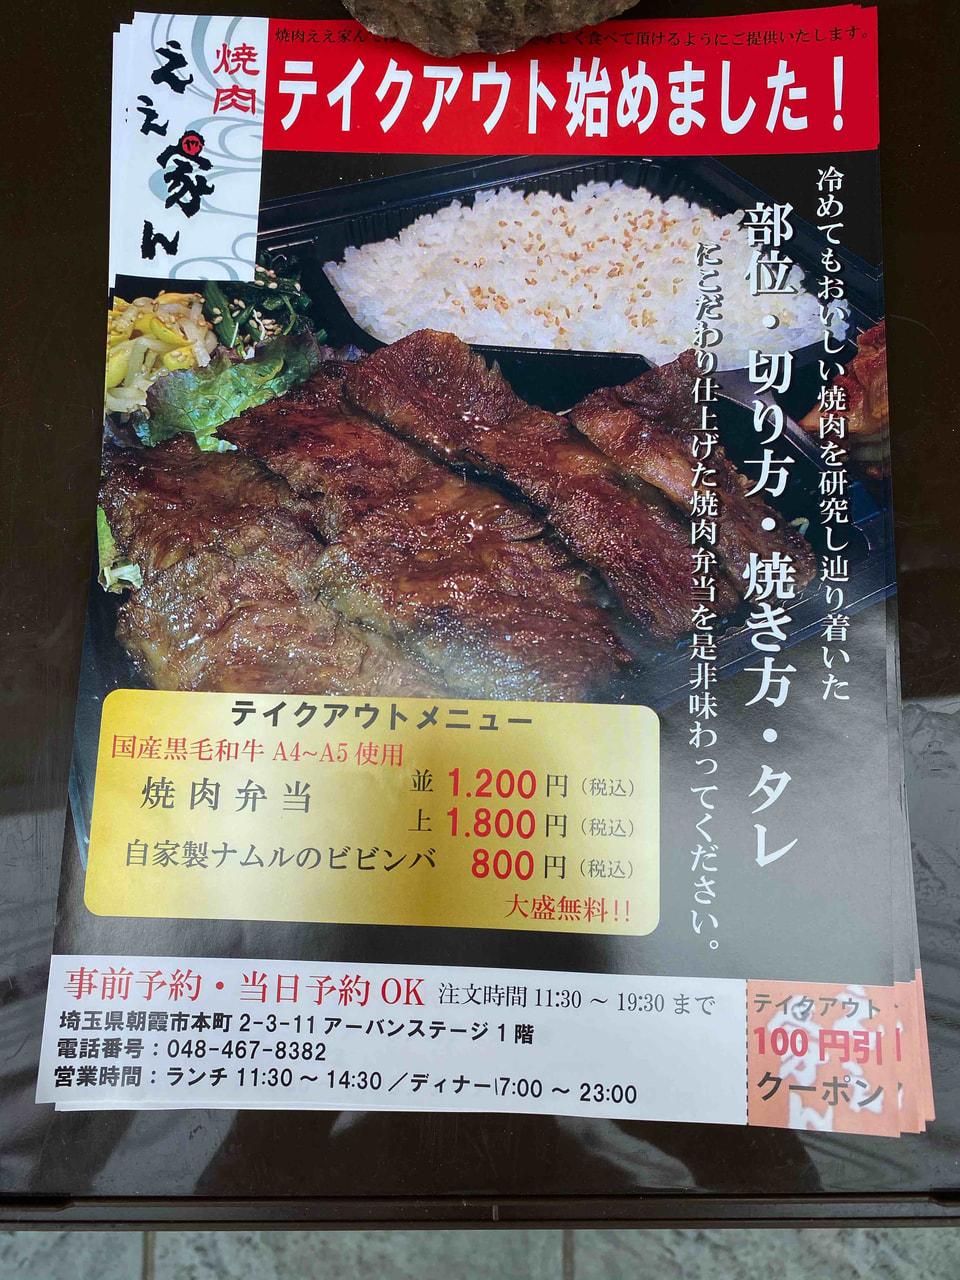 焼肉 ええ家ん(ええやん)(朝霞市)のテイクアウトできるお弁当